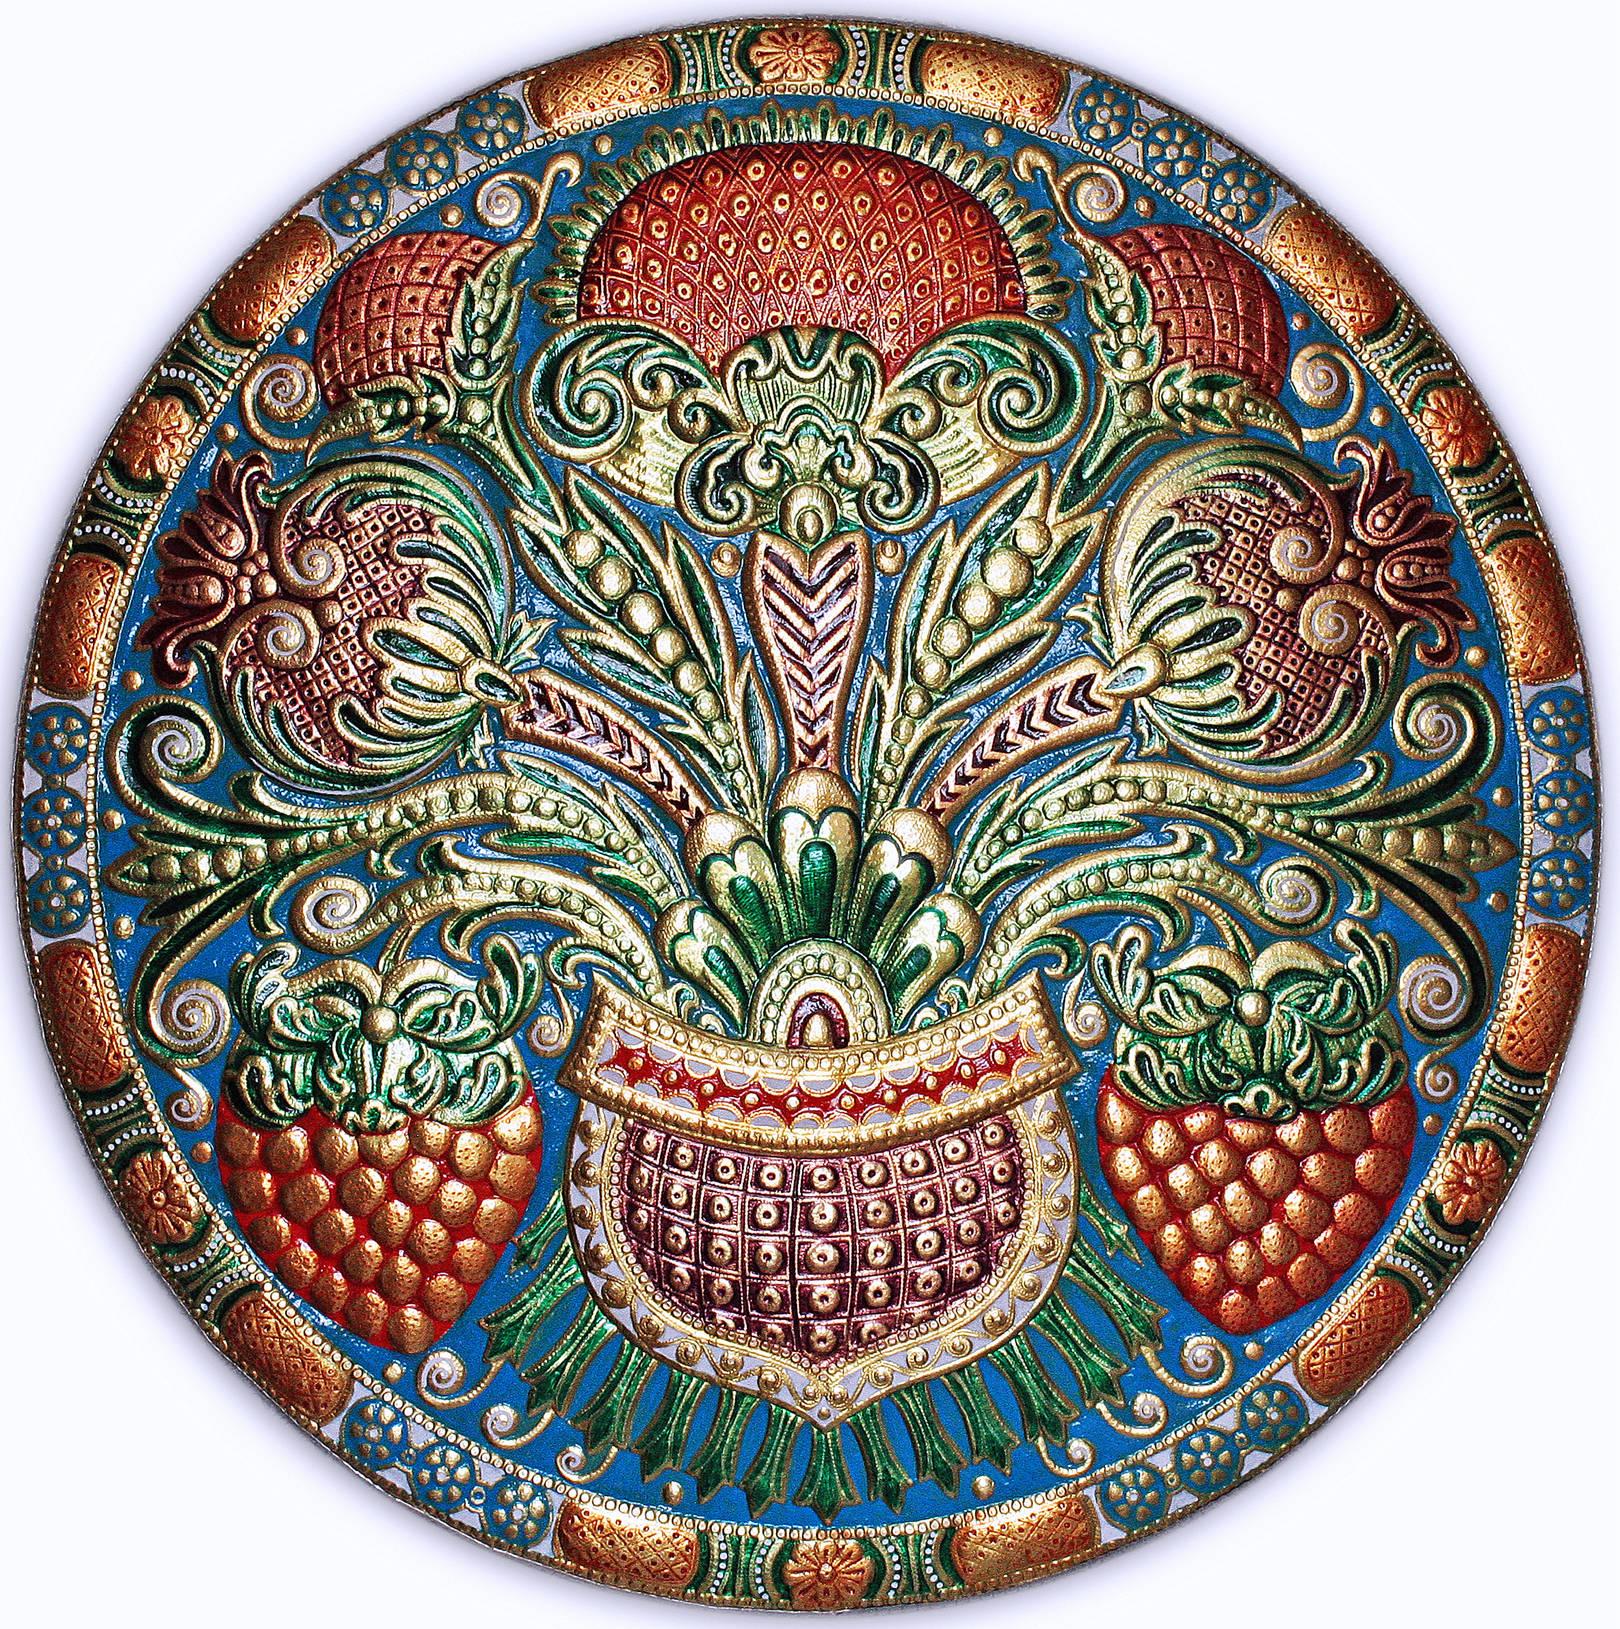 Ягоды и цветы (панно-рондо) 2008 г. Анодированный алюминий; холодная эмаль 70 х 70 см